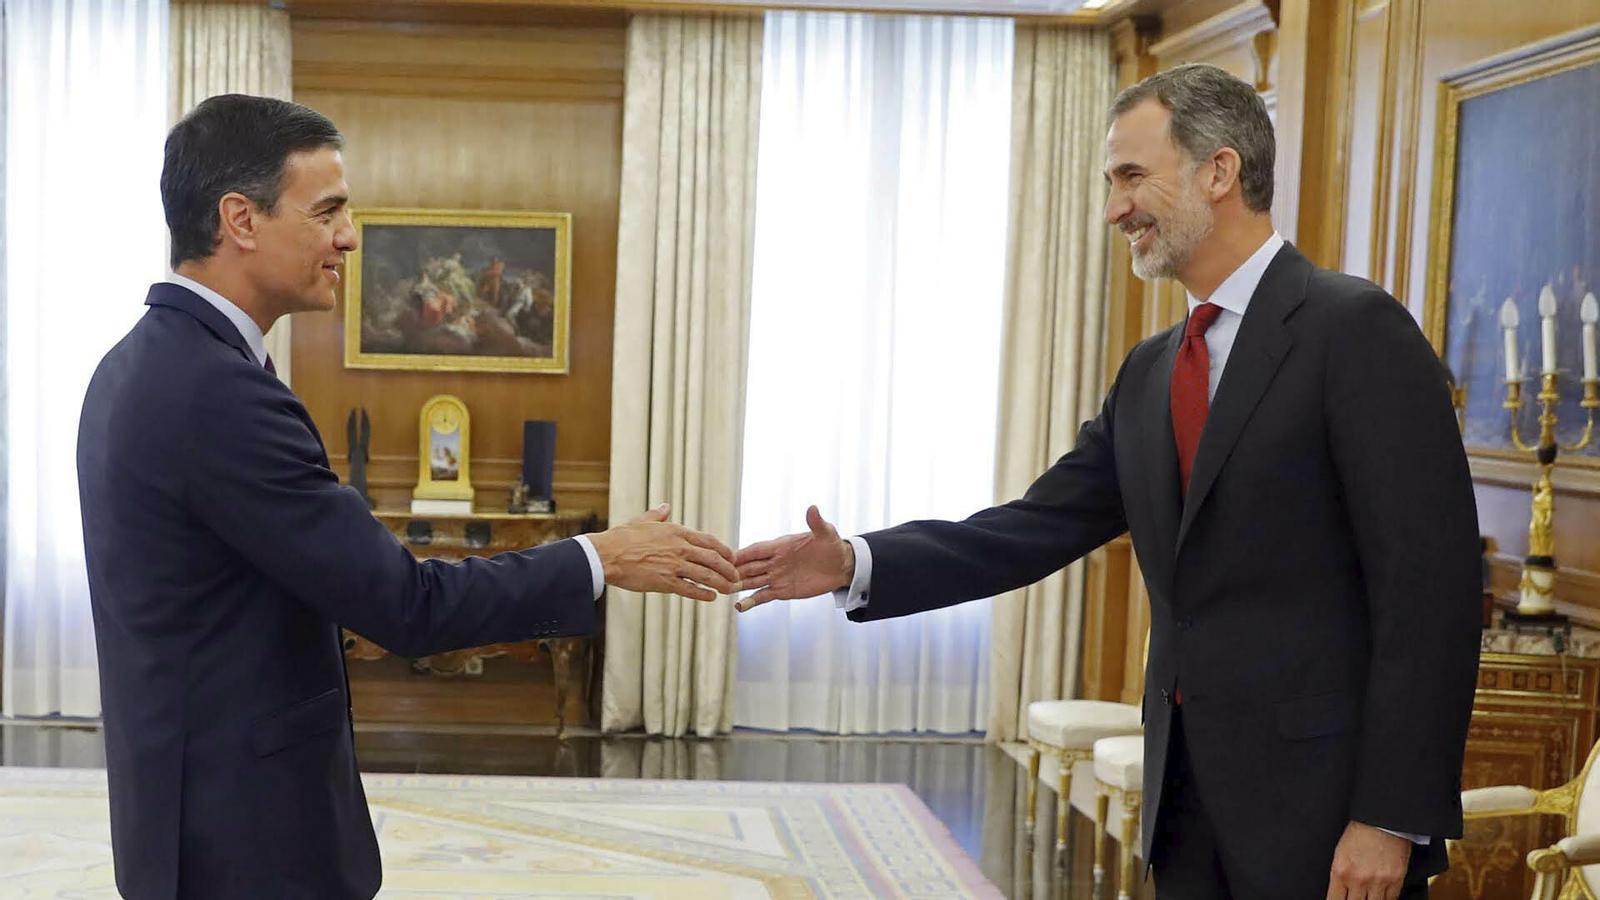 L'anàlisi d'Antoni Bassas: 'Pedro Sánchez fa política a Catalunya: Us ignoro'